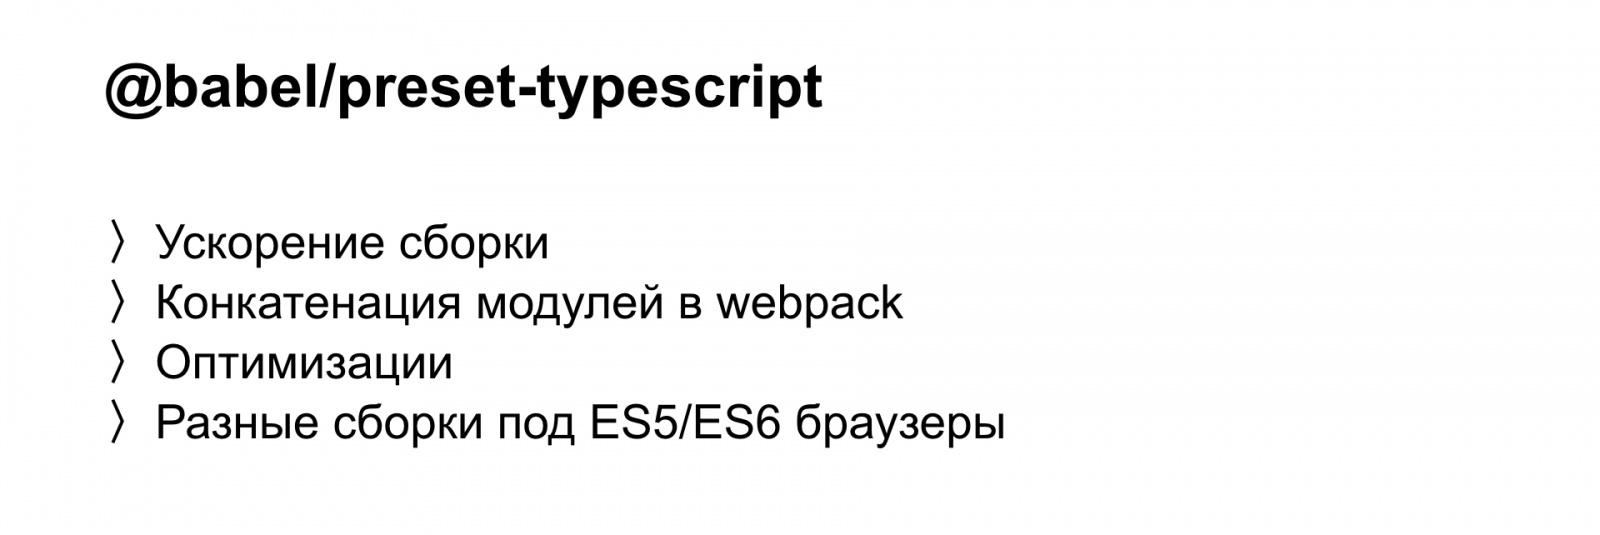 Минифицируем приватные поля в TypeScript. Доклад Яндекса - 25